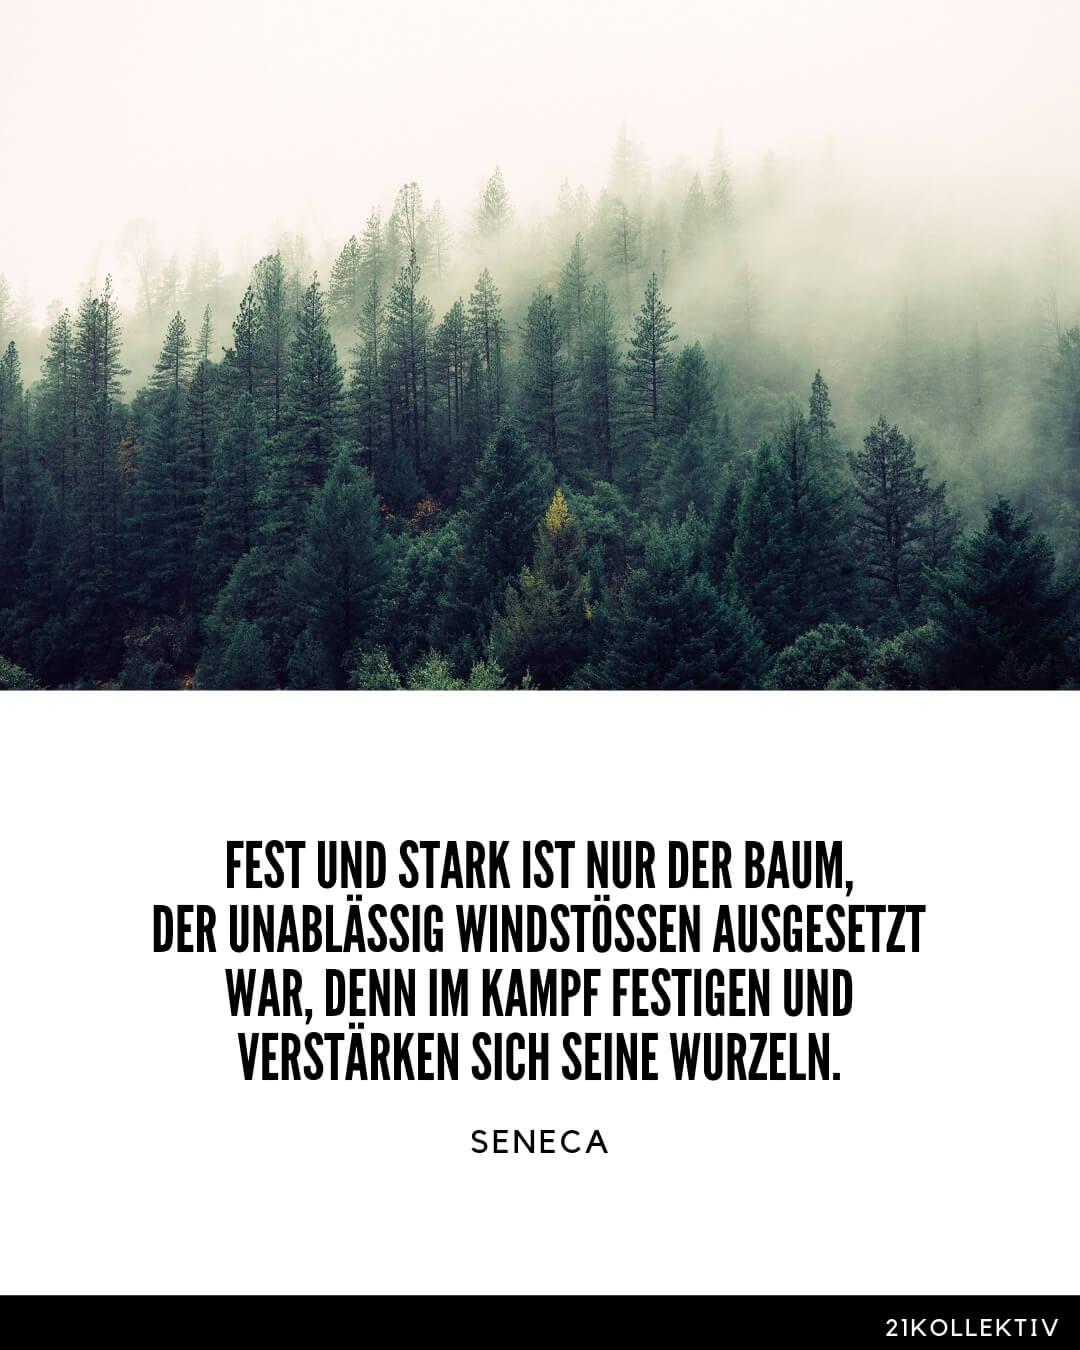 Fest und stark ist nur der Baum, der unablässig Windstössen ausgesetzt war, denn im Kampf festigen und verstärken sich seine Wurzeln. Seneca Lebensweisheiten